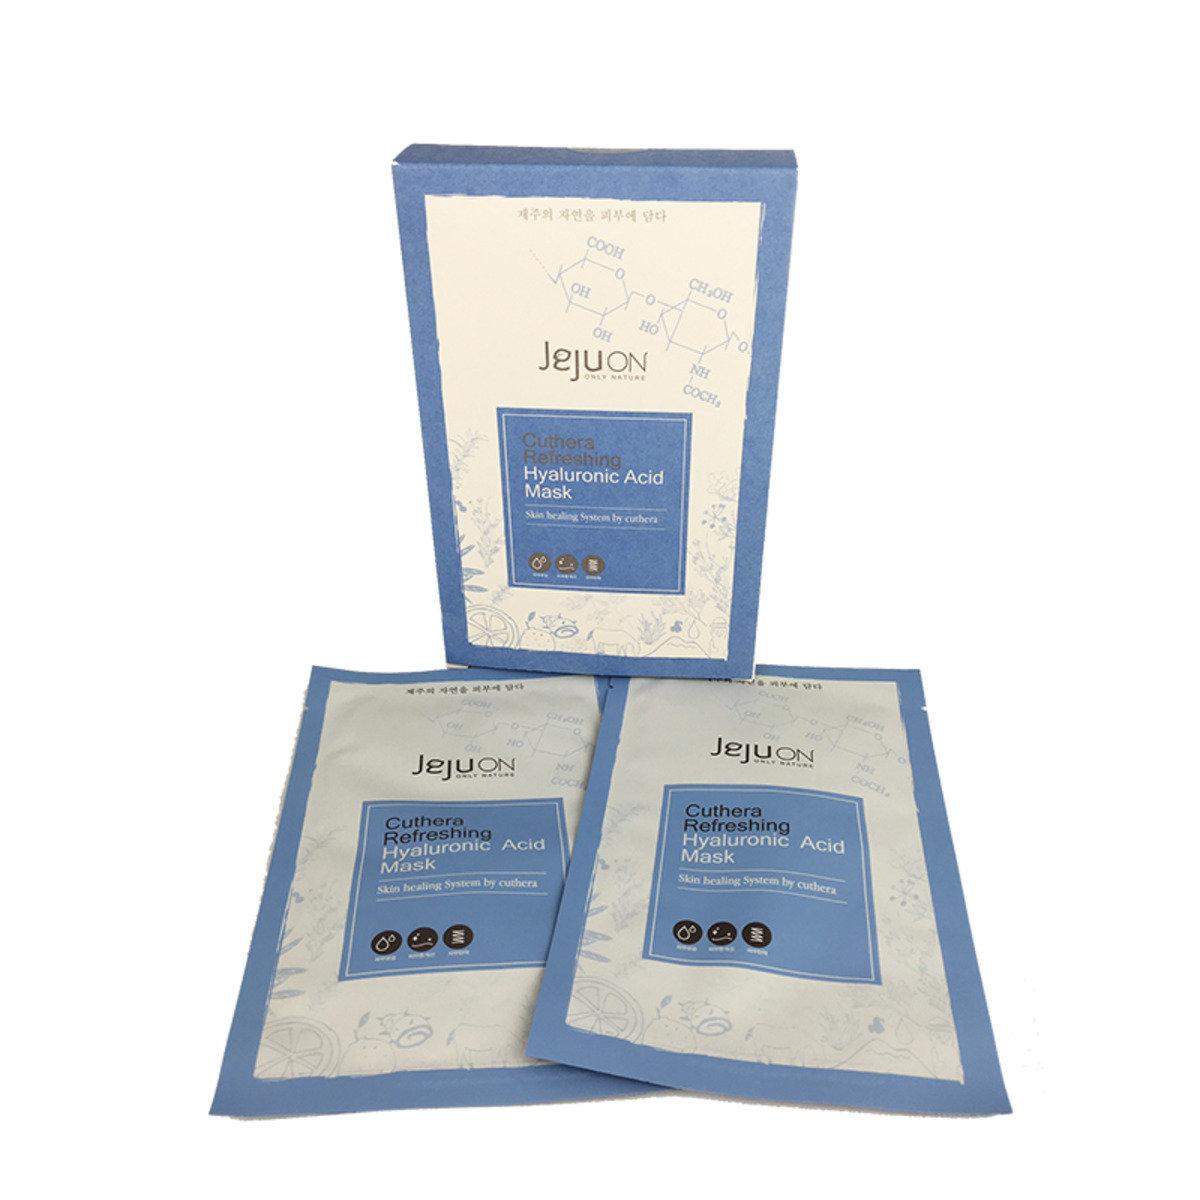 鬱金煥顏滋潤 - 透明質酸補水修護面膜 (1盒6片裝)